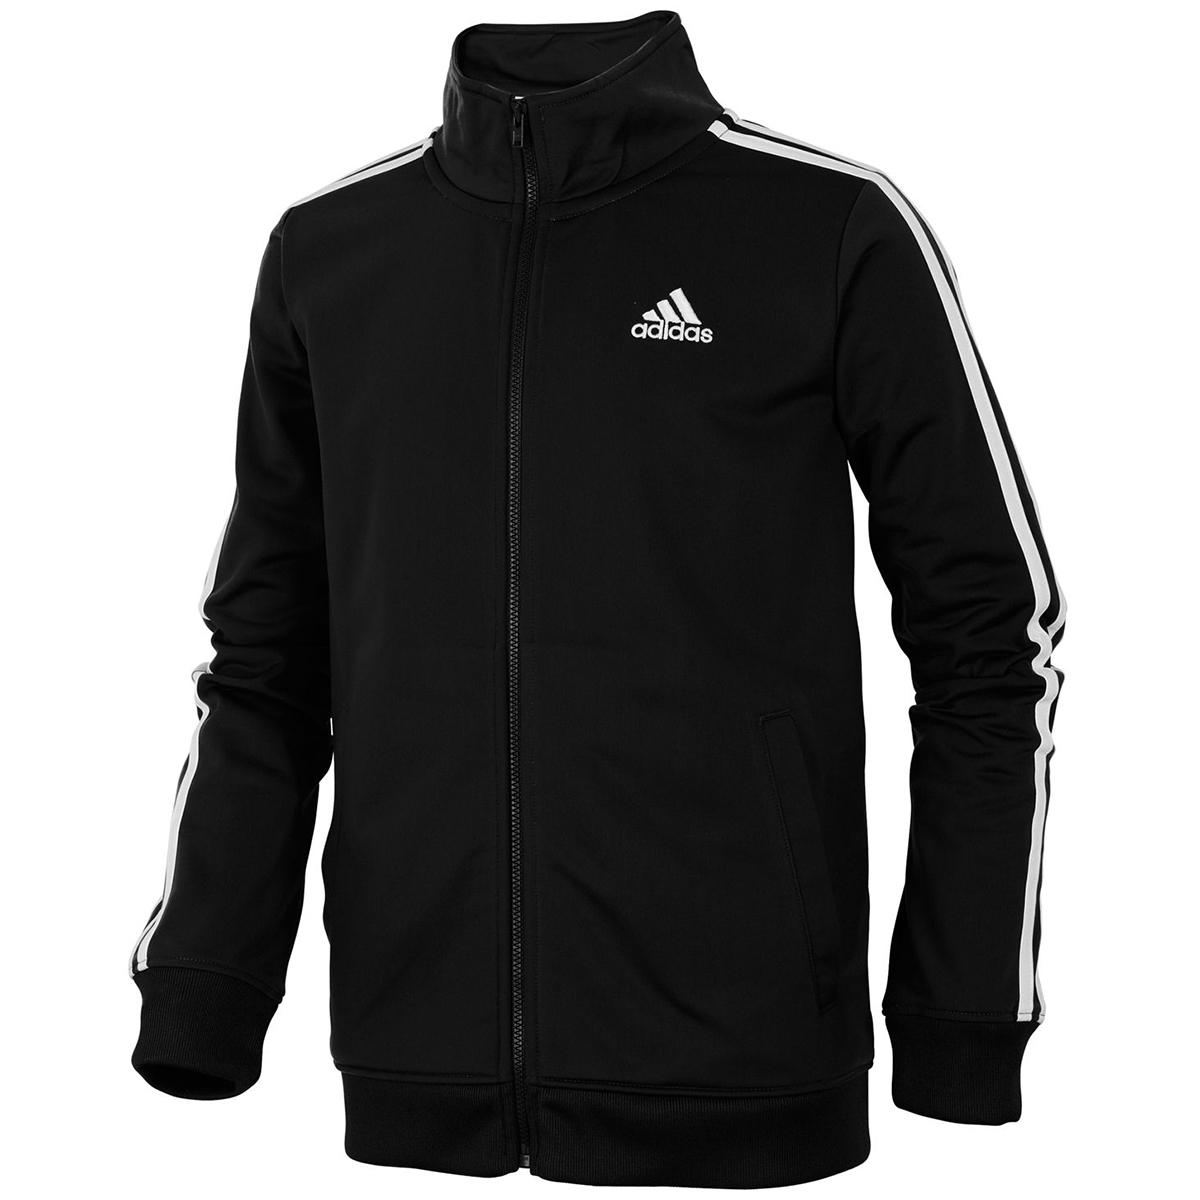 Adidas Big Boys' Iconic Tricot Track Jacket - Black, XL